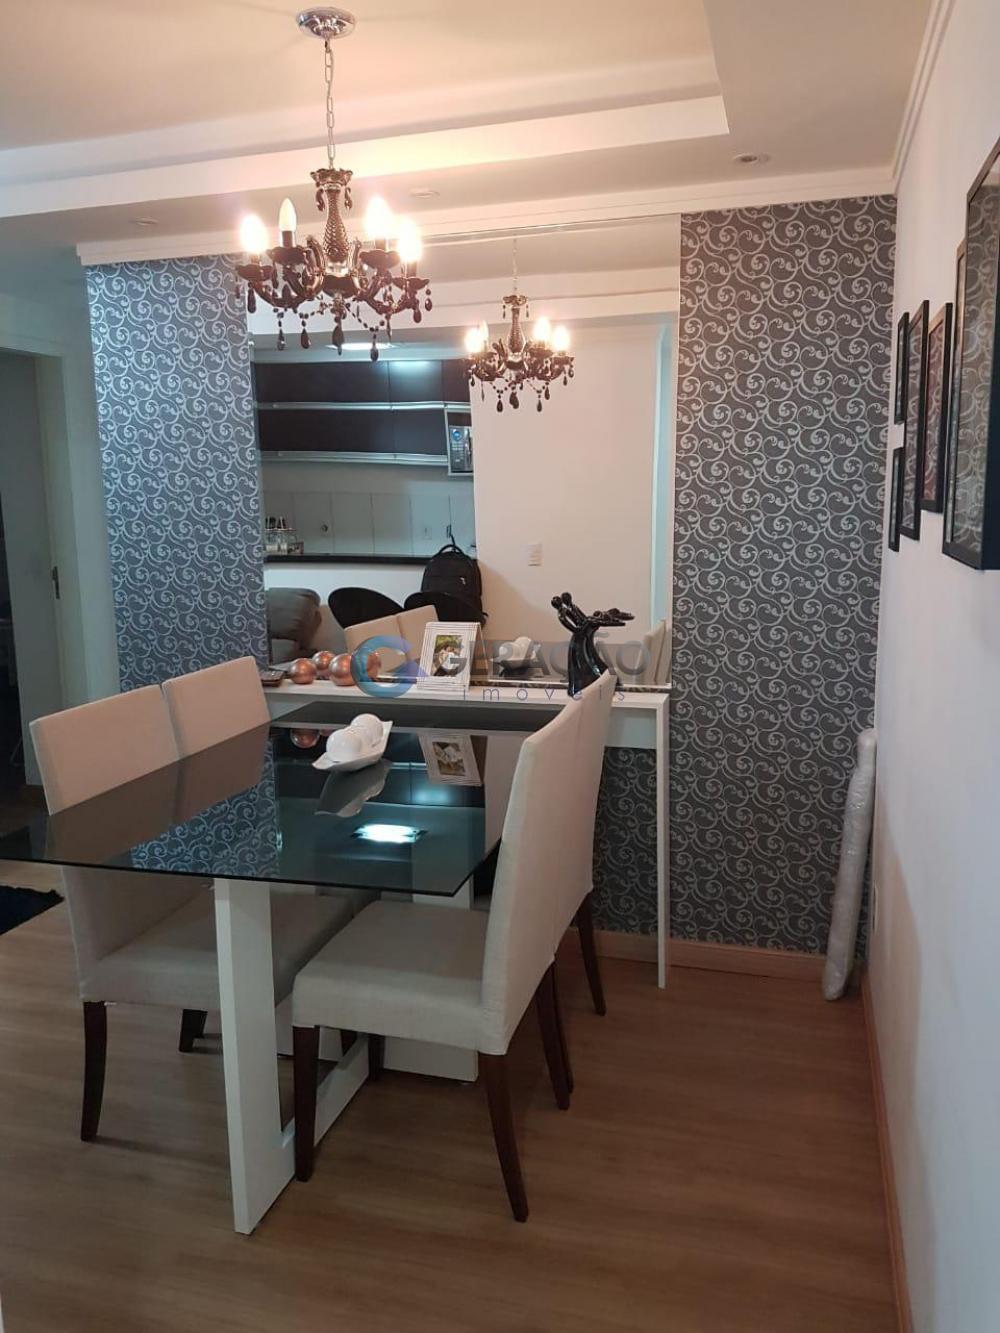 Comprar Apartamento / Padrão em São José dos Campos apenas R$ 230.000,00 - Foto 3